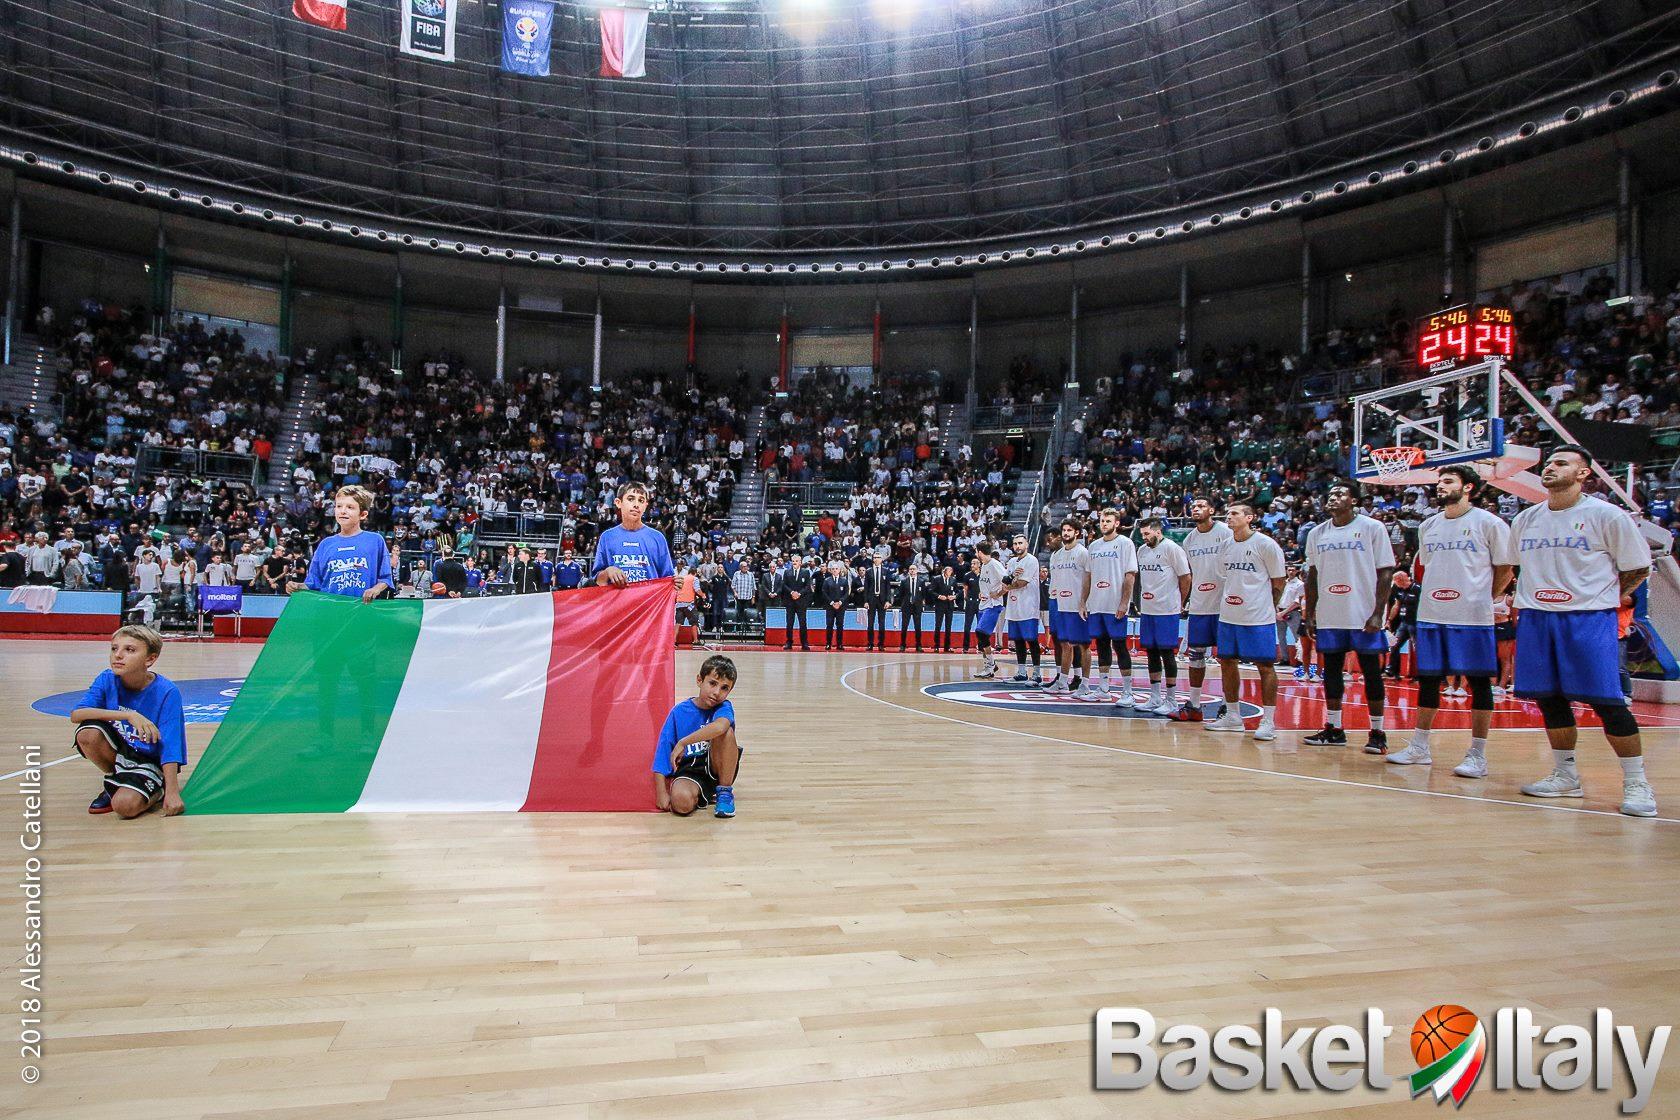 Anche RaiSport trasmetterà le partite dell'ItalBasket nel Torneo PreOlimpico di Belgrado!